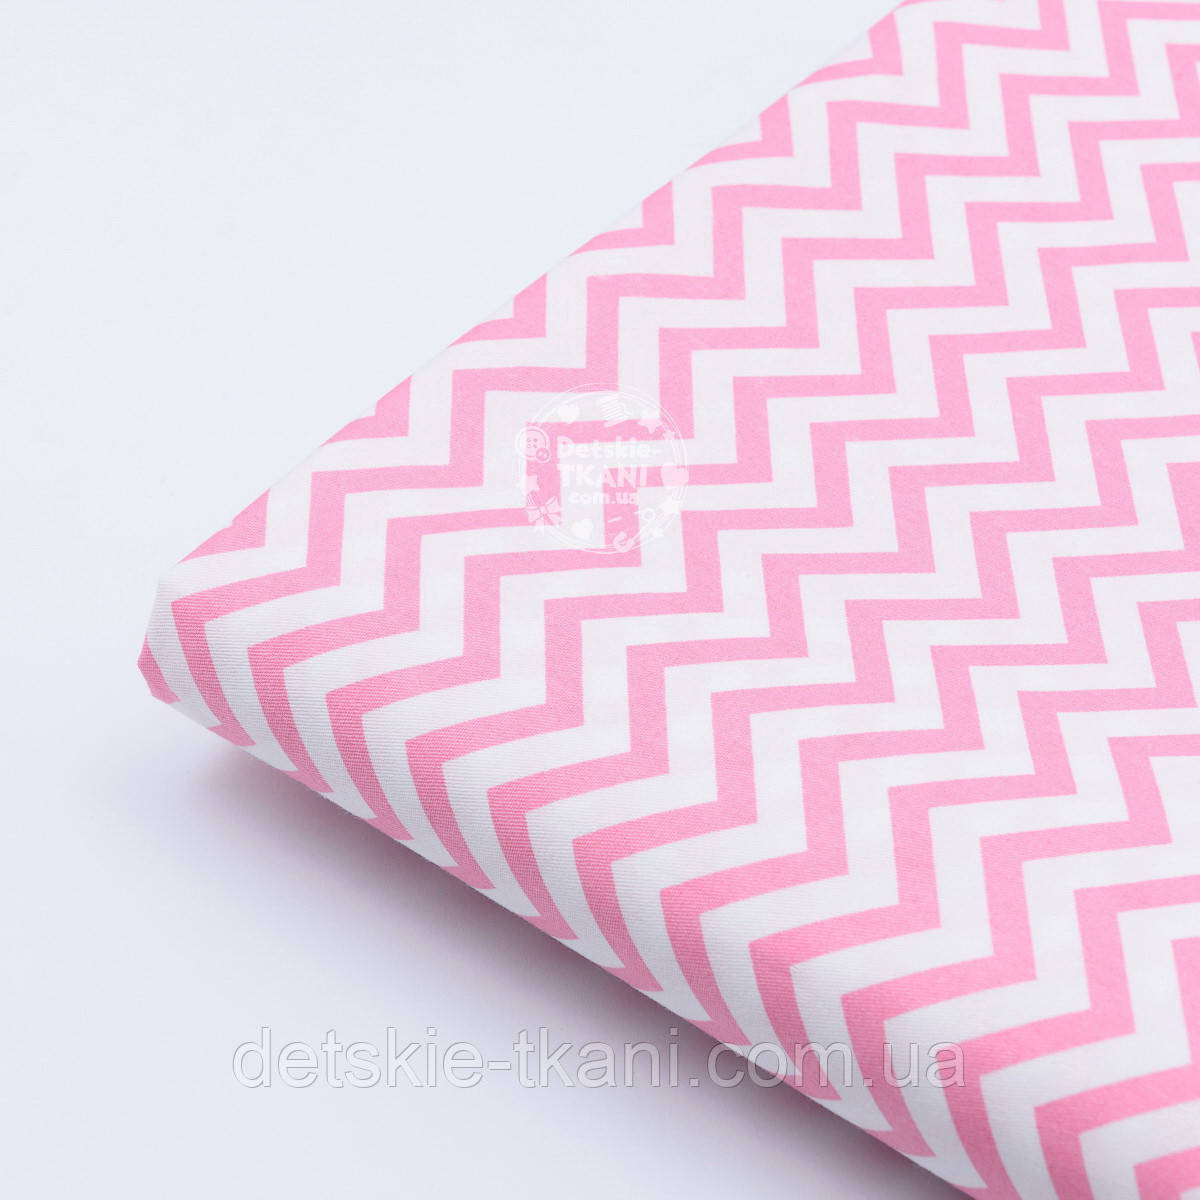 """Отрез сатина """"Густой средний розовый зигзаг"""" на белом, №1777с, размер 87*160"""